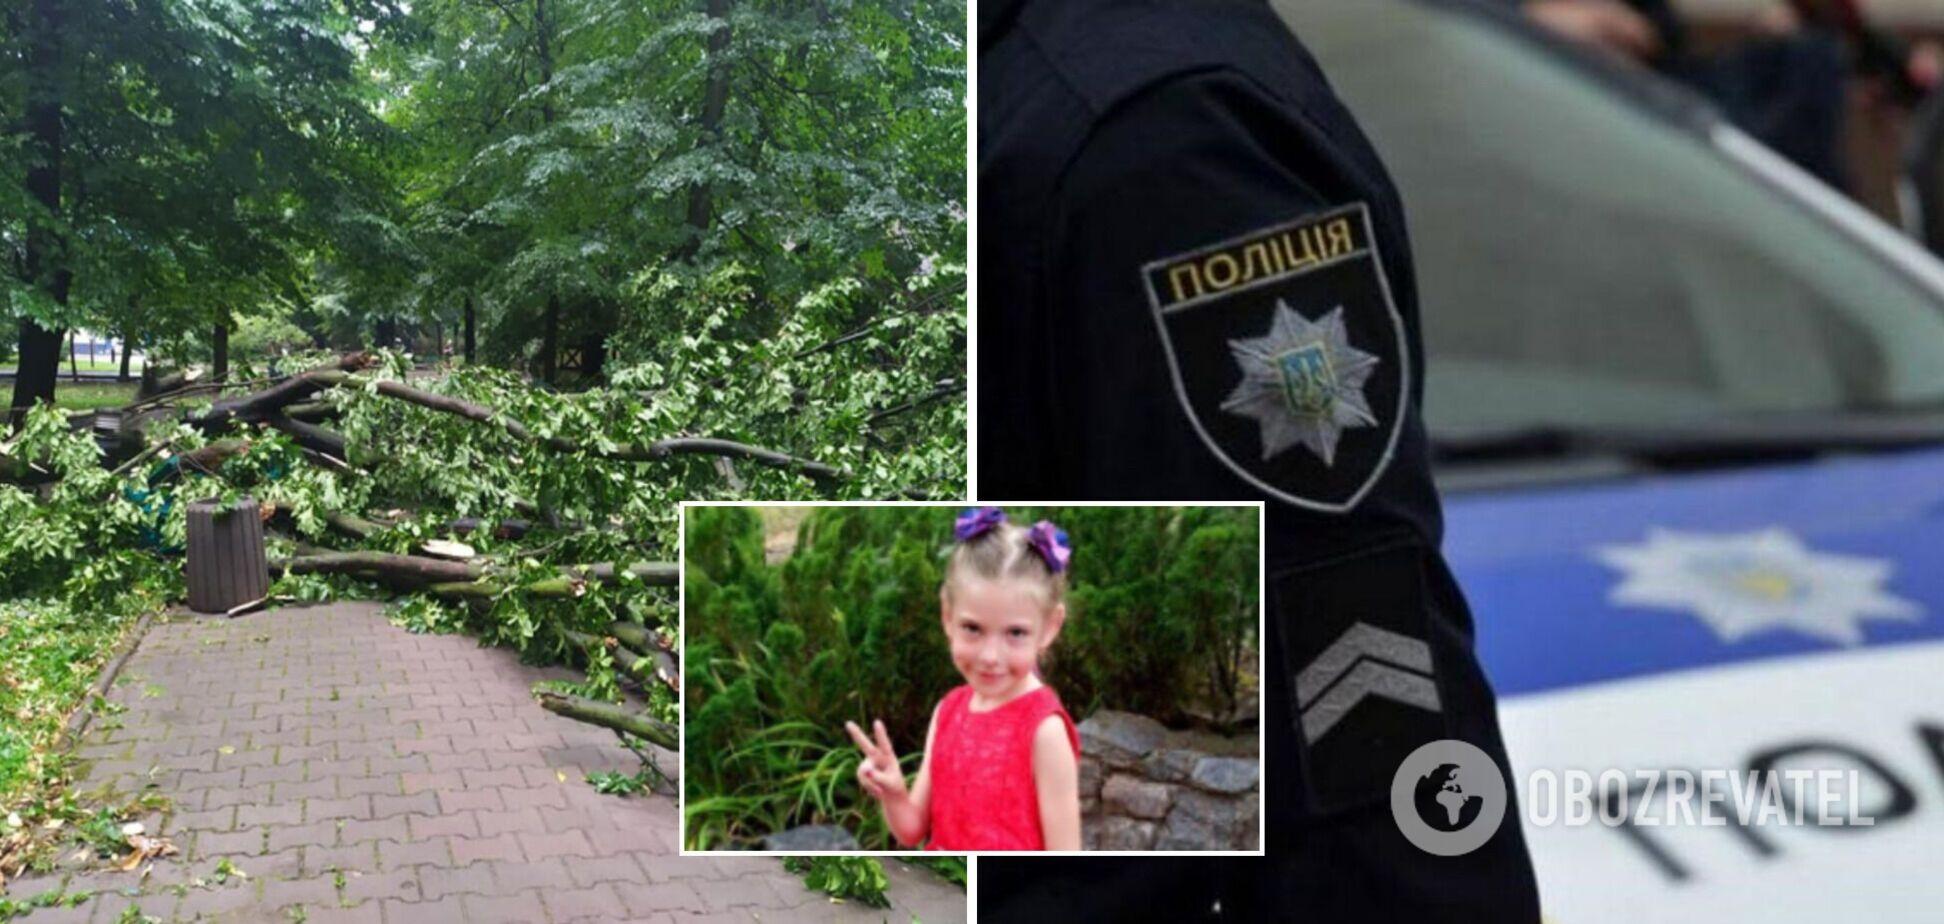 С ними мог быть один мужчина: мать подозреваемого в убийстве 6-летней девочки подростка выступила с заявлением